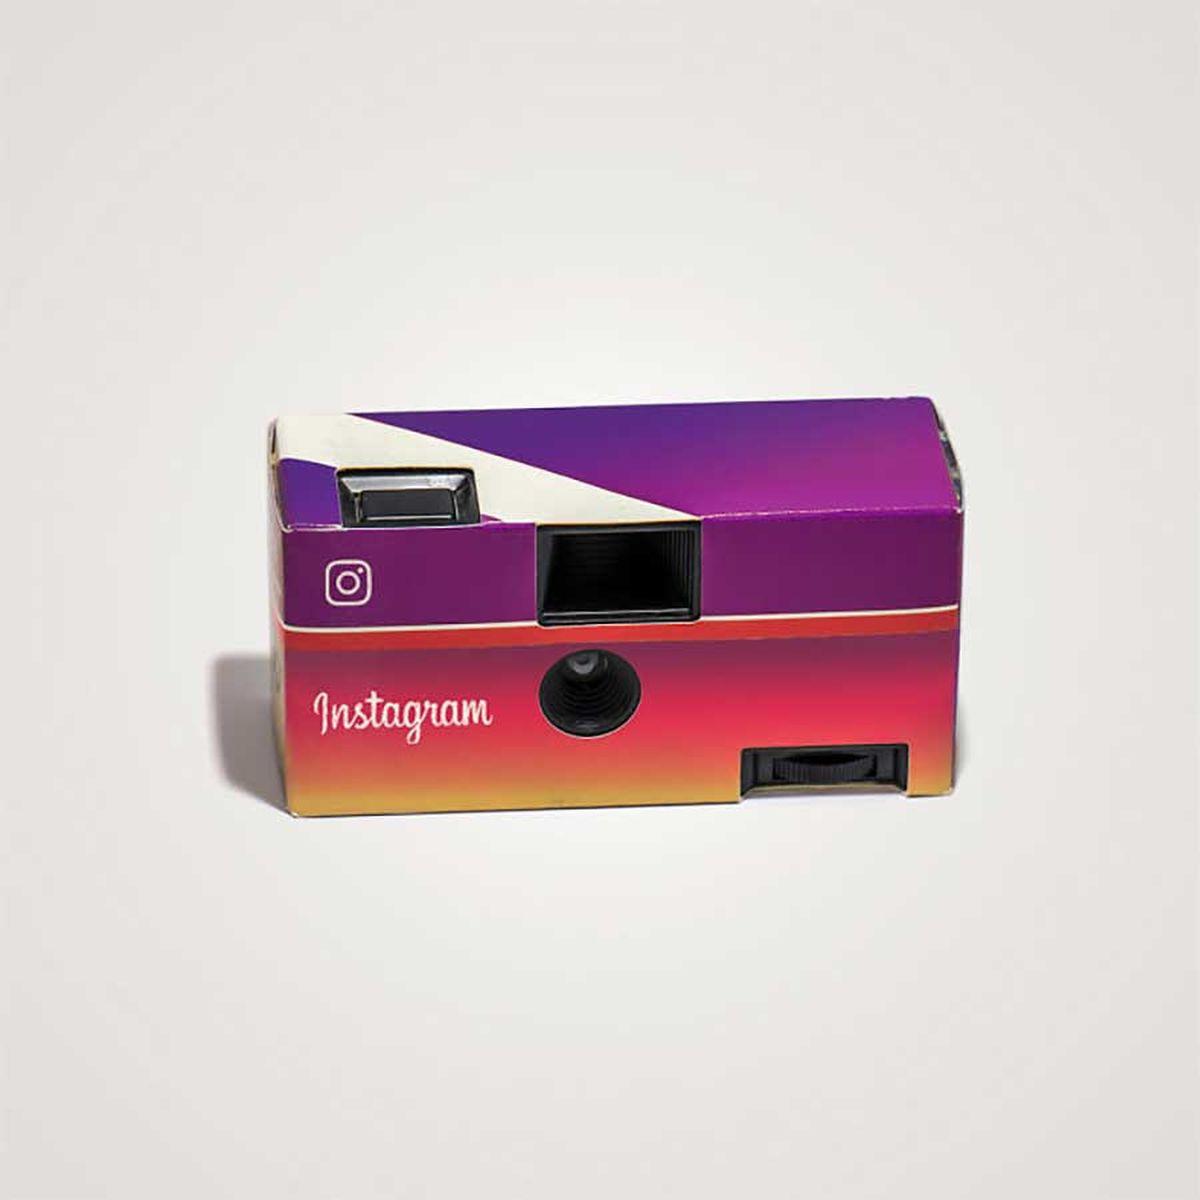 Modernes als 80er-Jahre Gadgets | Gadgets | Was is hier eigentlich los?